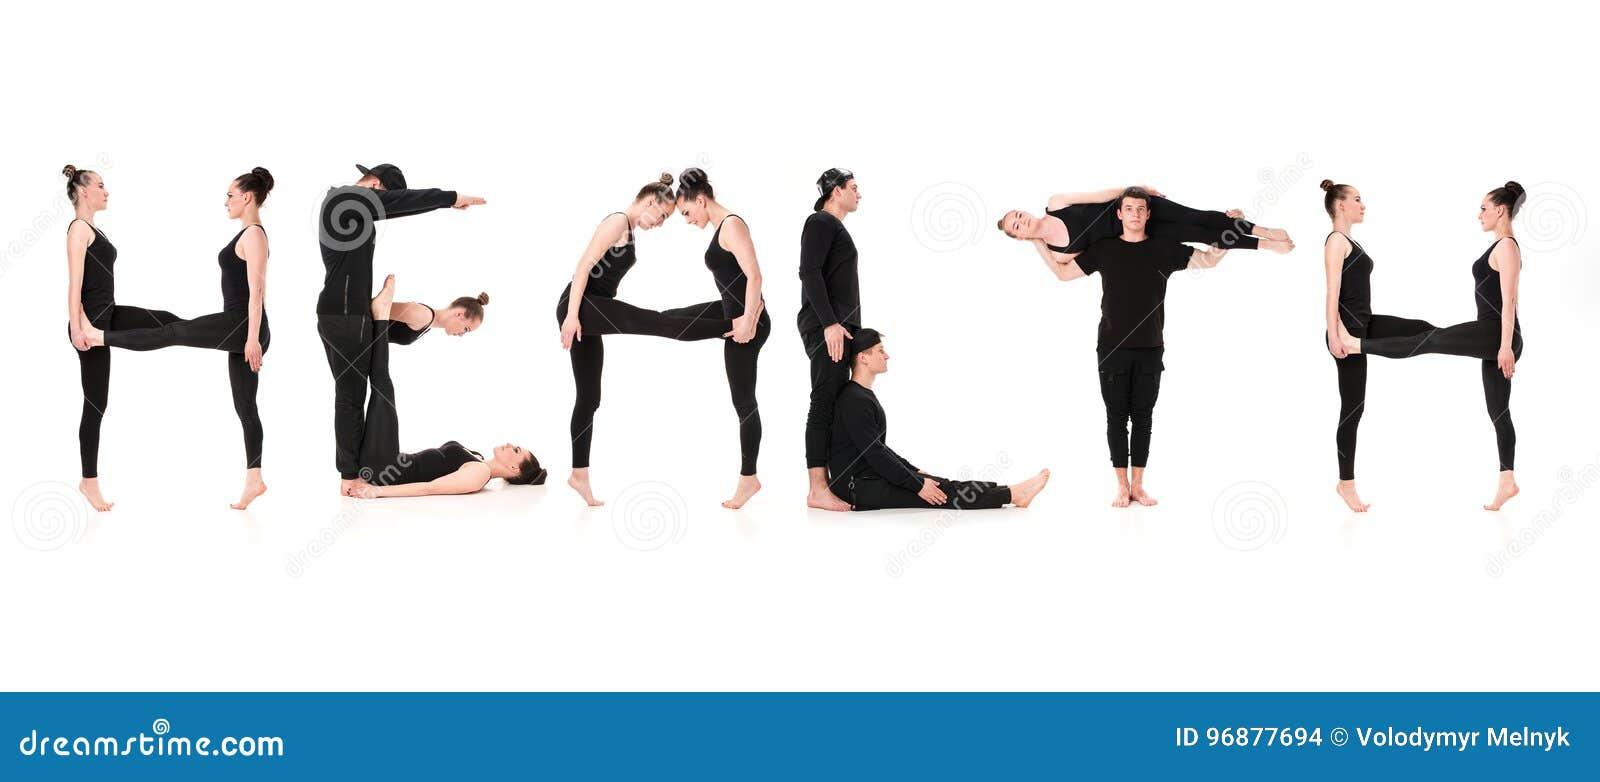 Ordet HÄLSA som bildas av gymnastkroppar